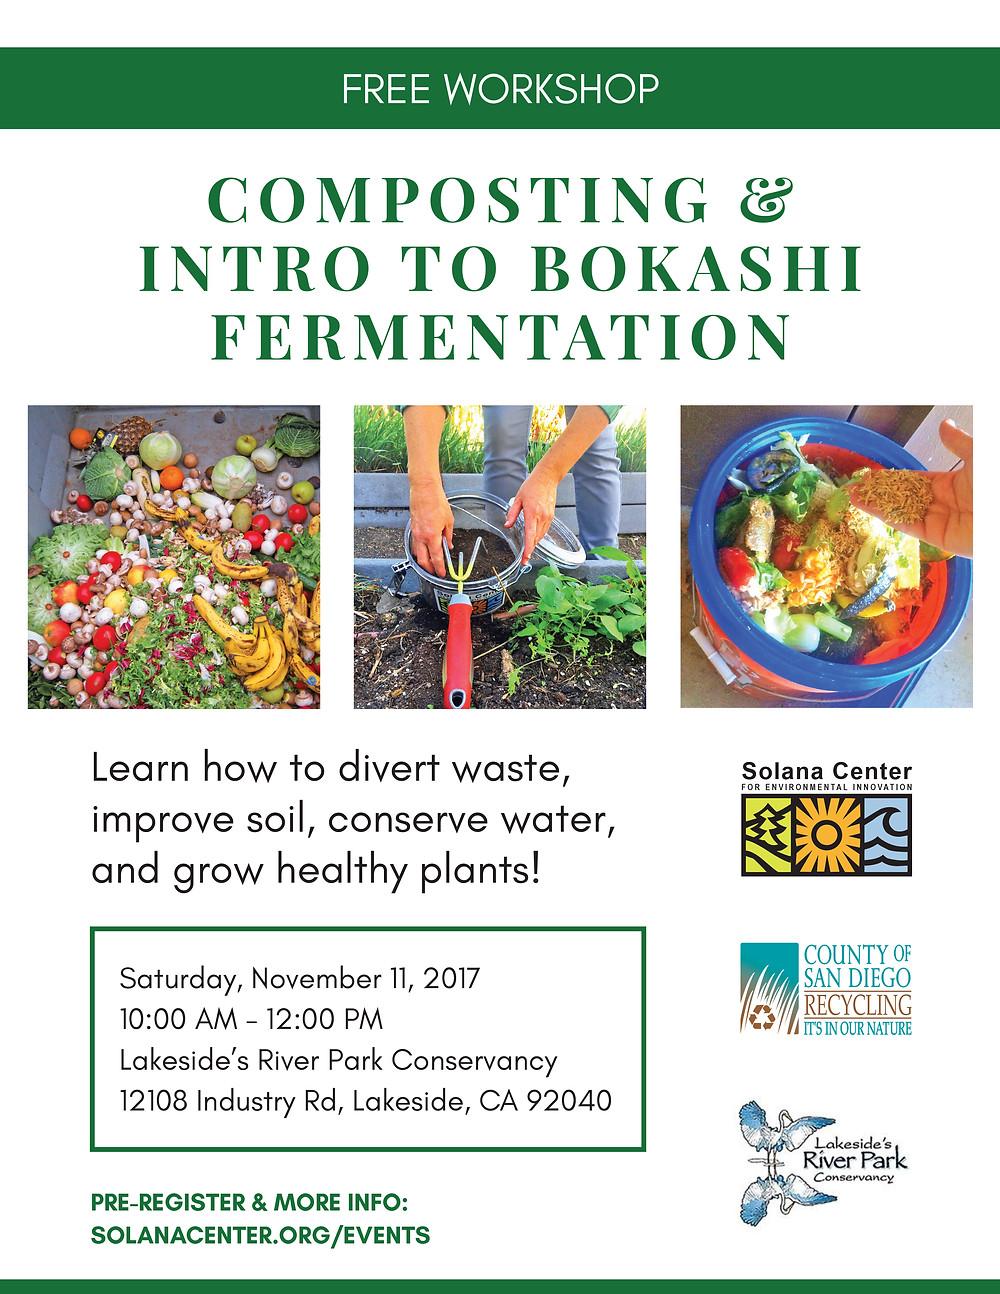 Composting - traditional and Bokashi methods